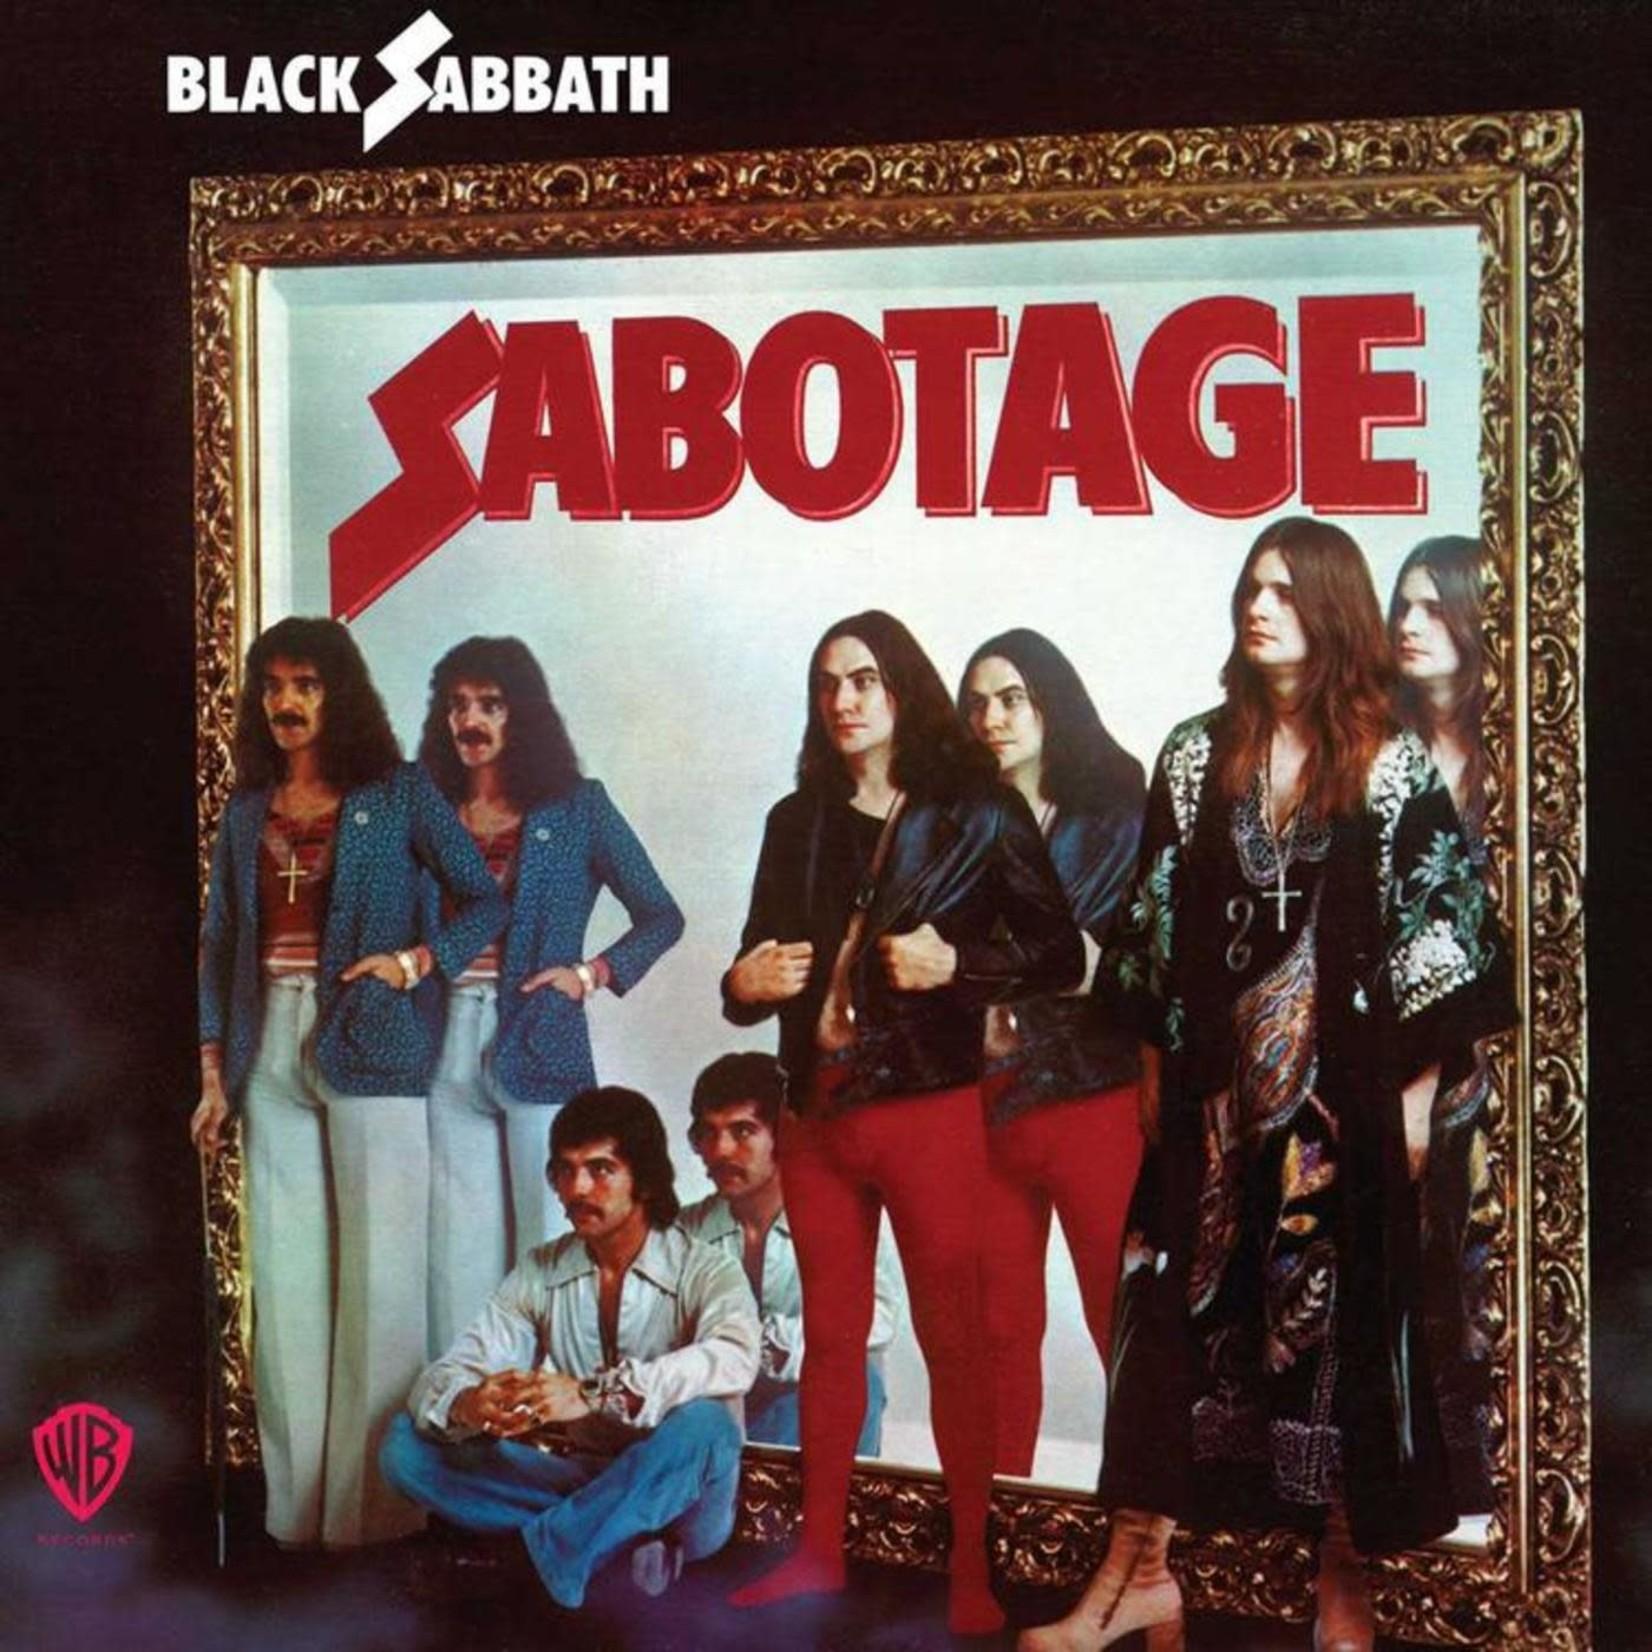 [Vintage] Black Sabbath: Sabotage (reissue)